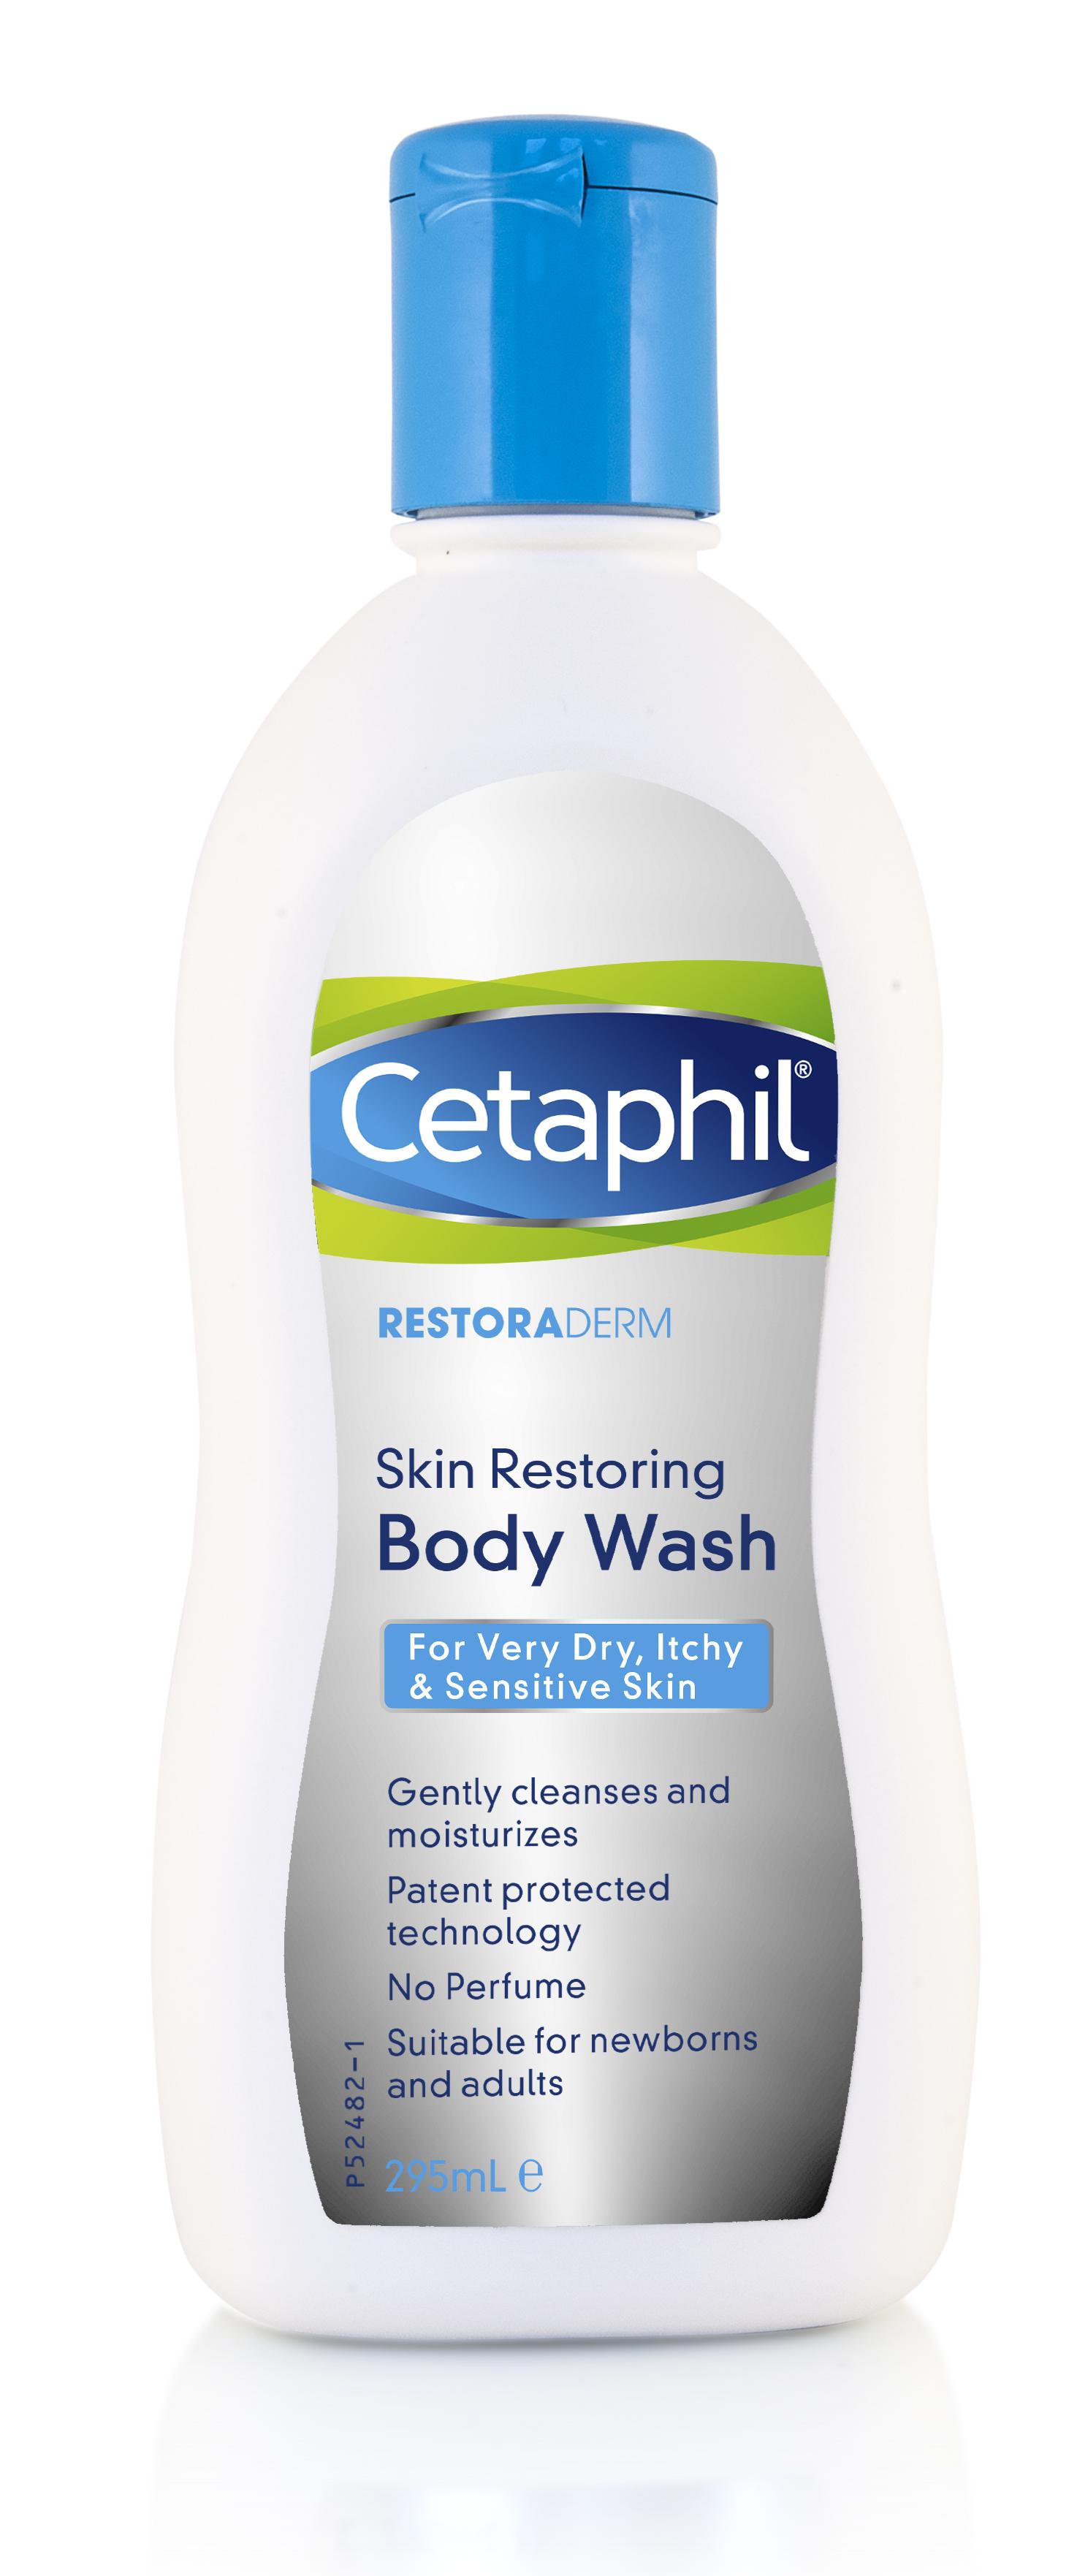 Body Wash Prissk Gir Deg Laveste Pris Cetaphil Restoraderm 295ml 295 Ml